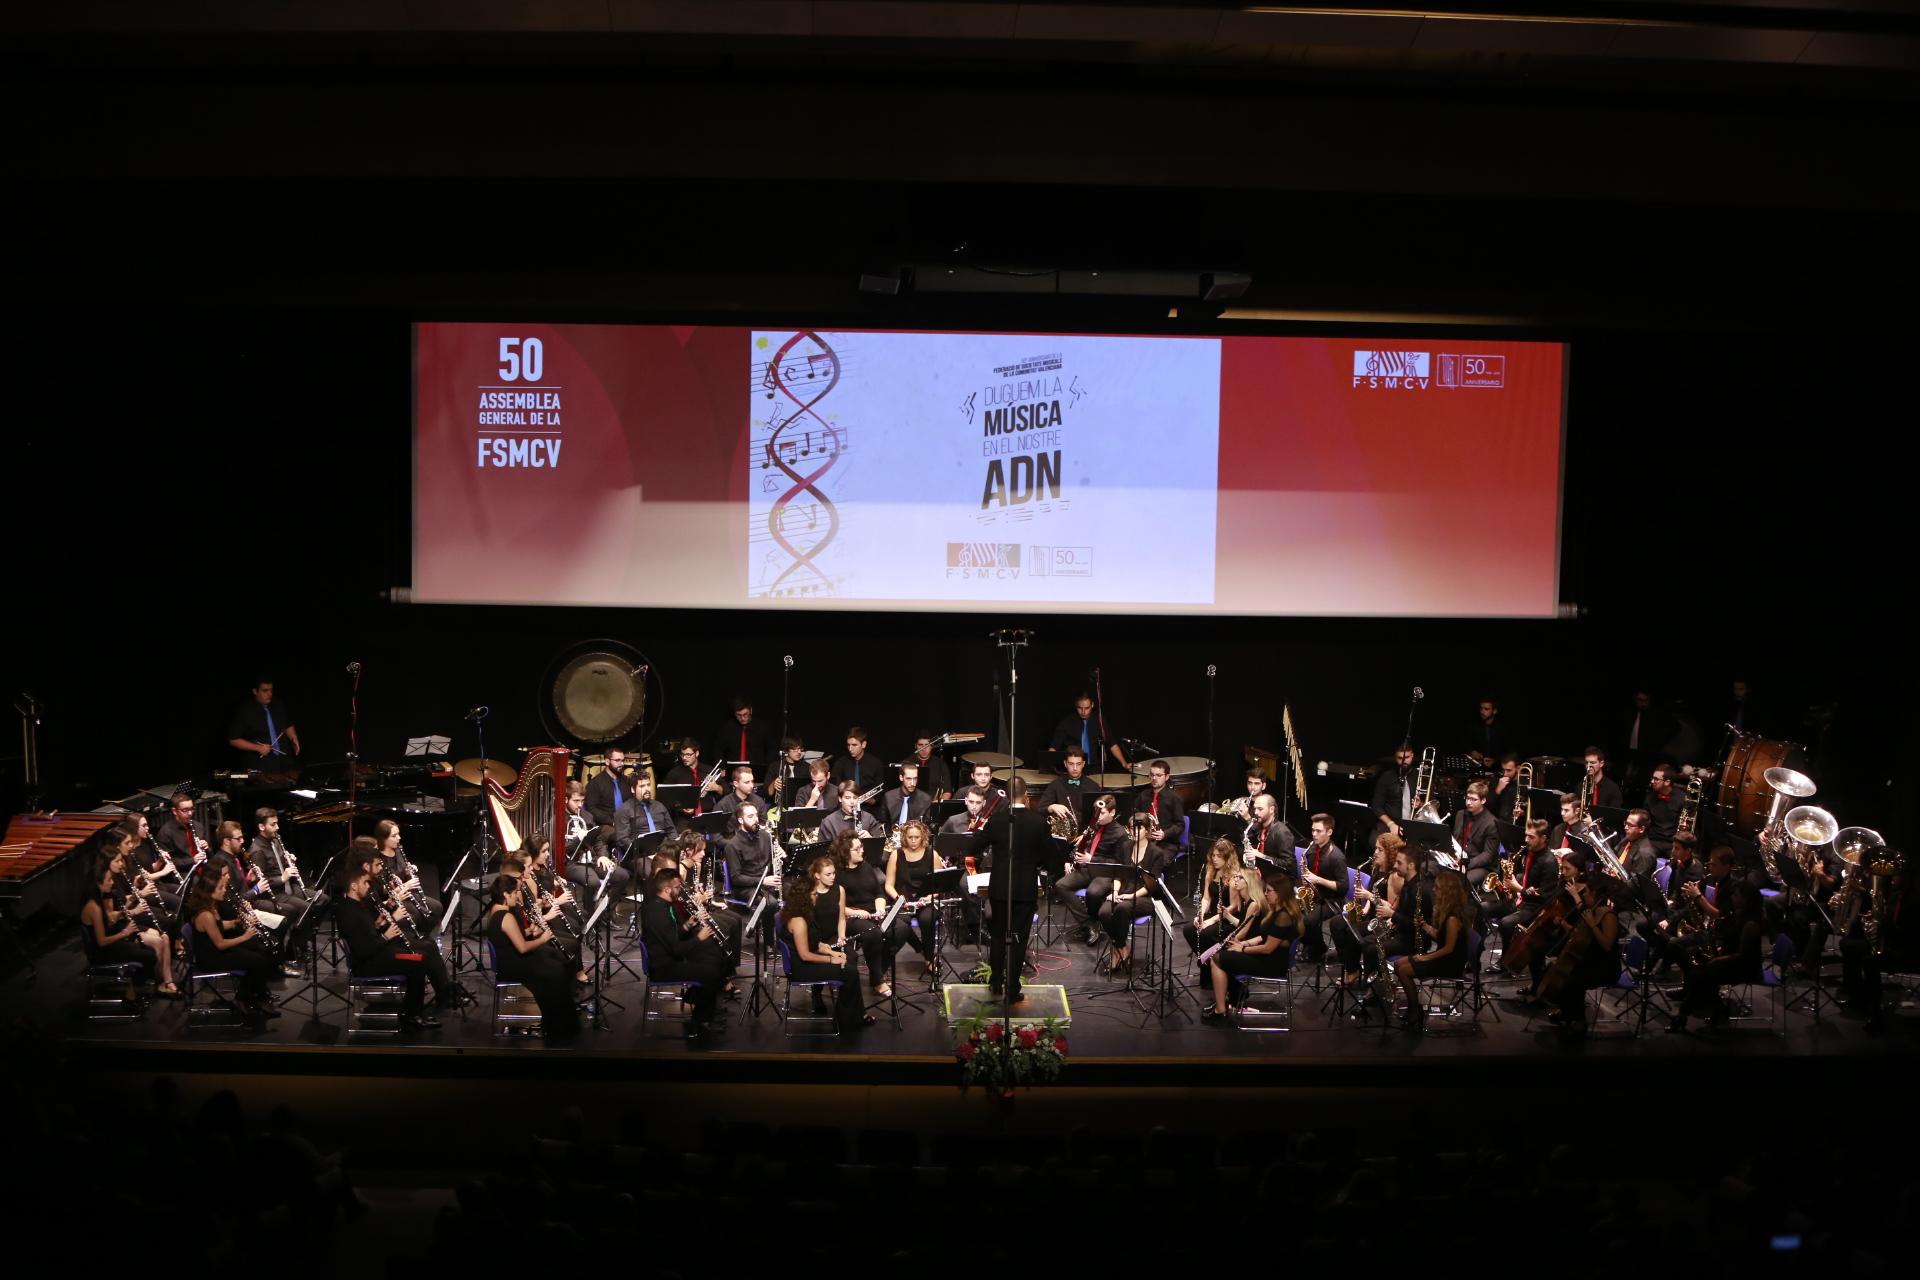 La FSMCV ha reunido a algunos de los principales compositores y directores valencianos del momento en el concierto ofrecido por la Joven Banda Sinfónica.